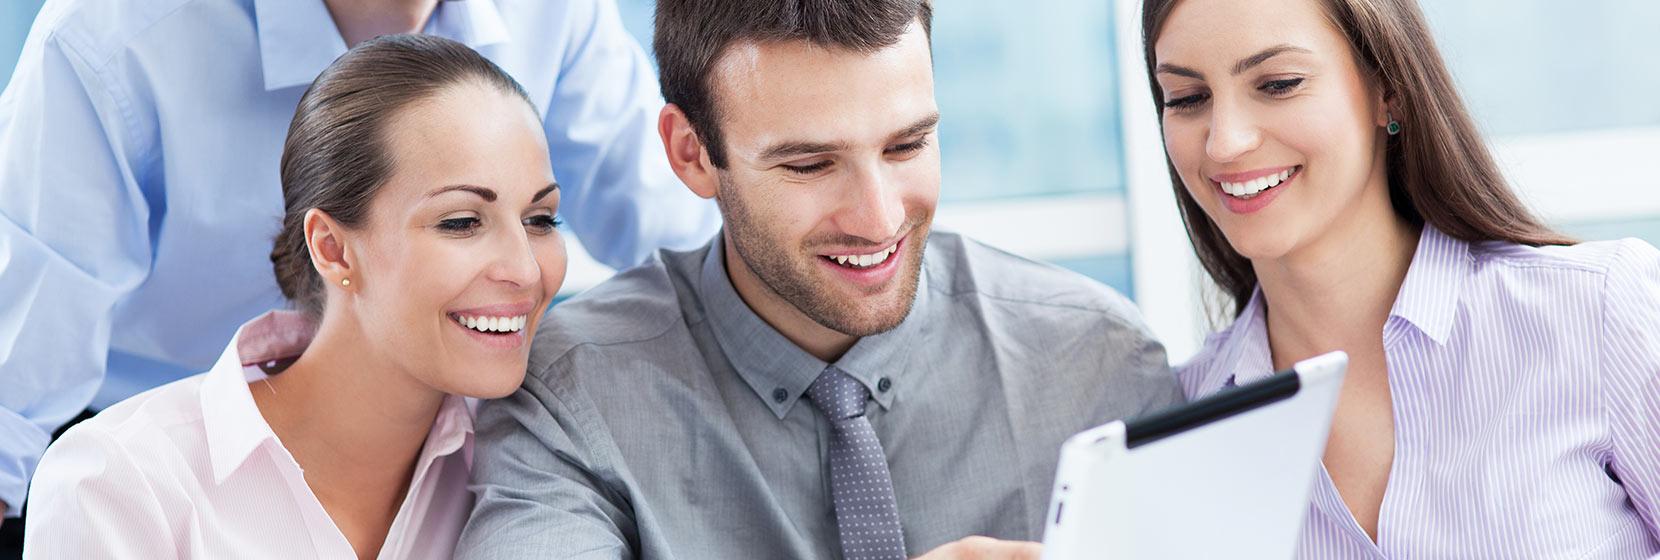 Online Specialist Development Programmes